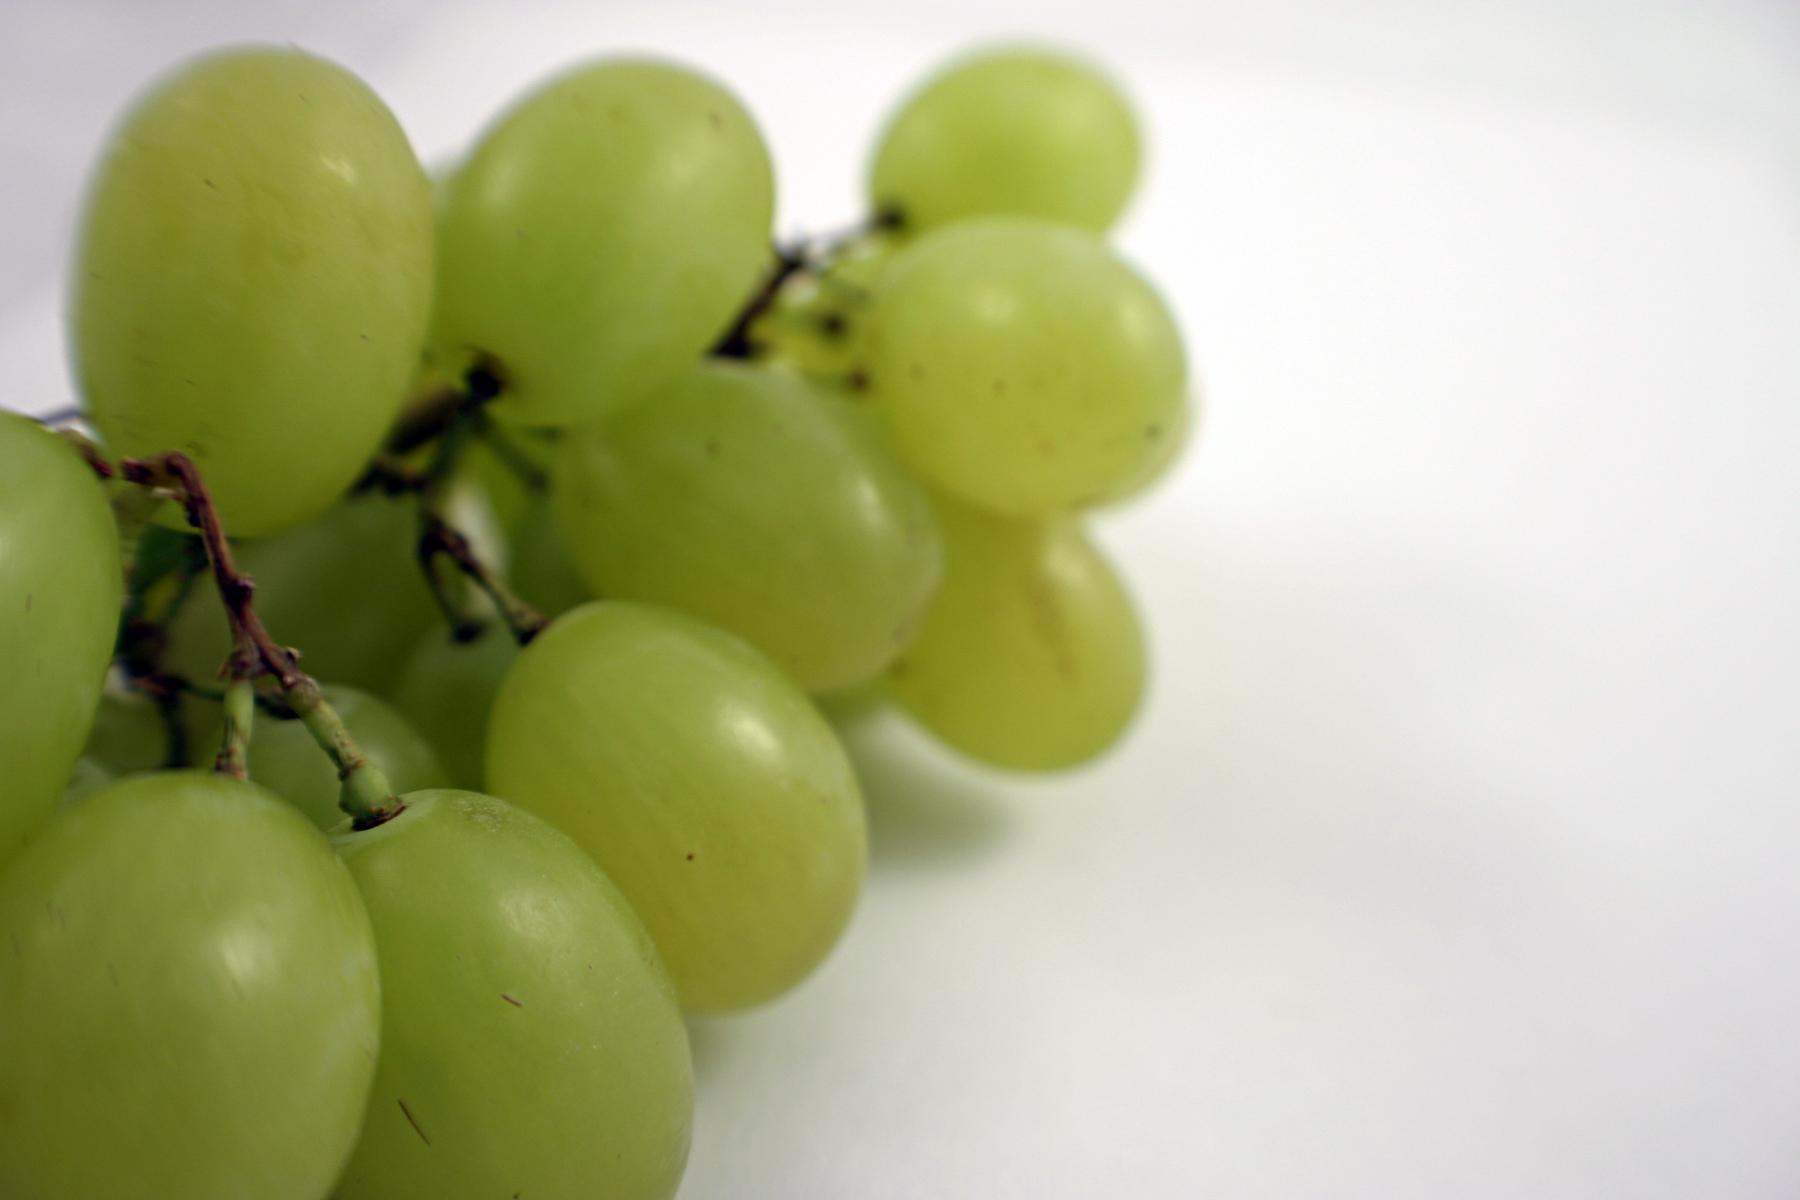 Green grapes photo